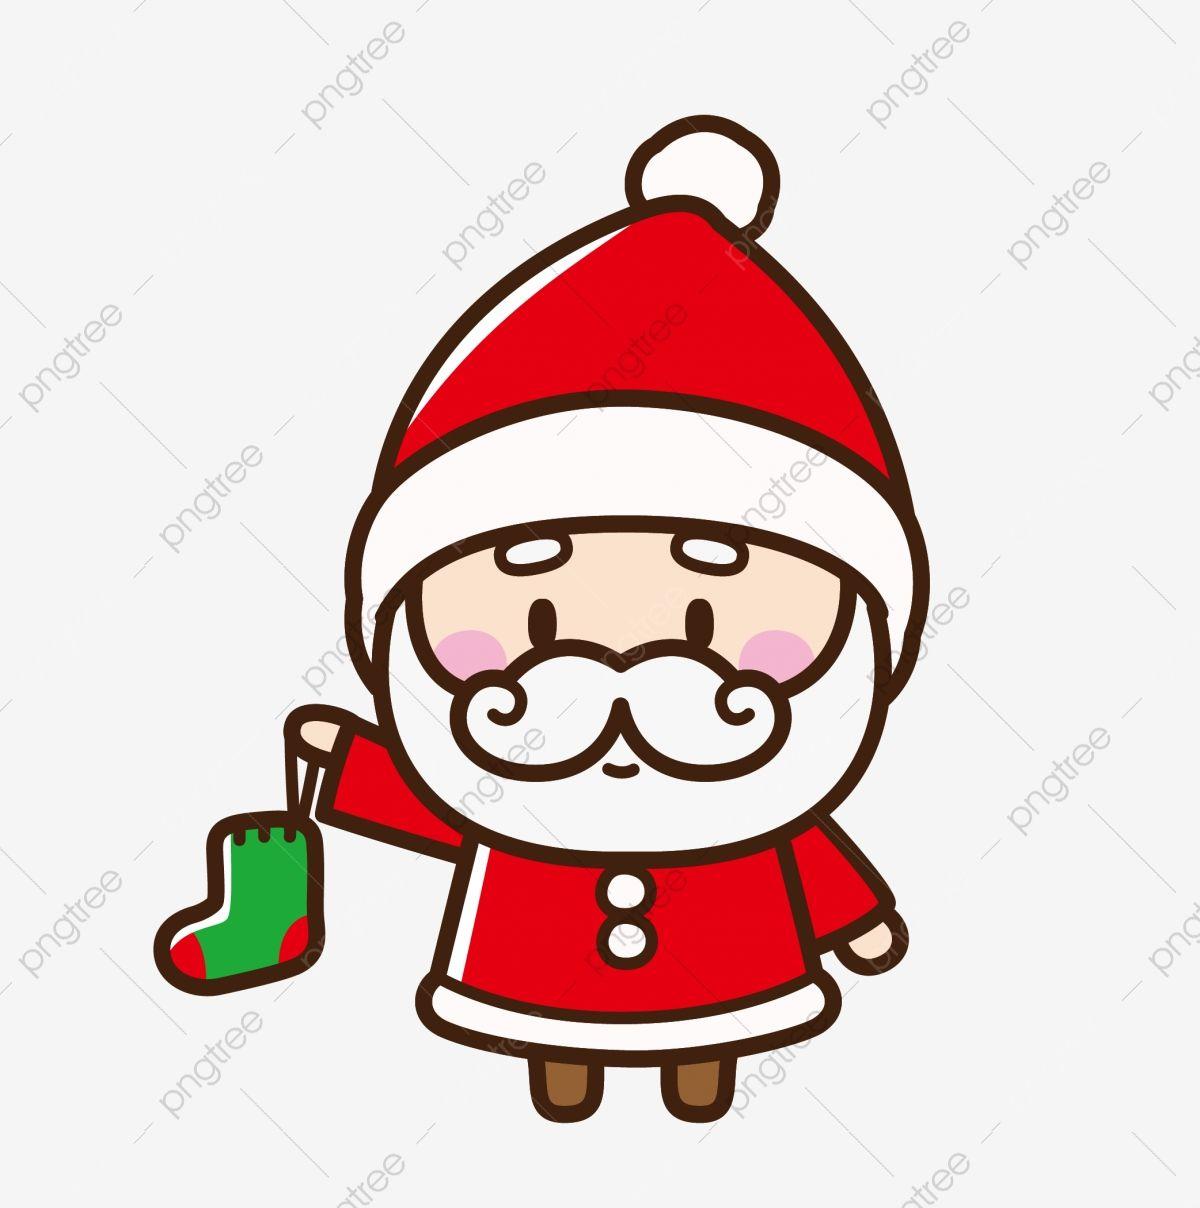 Santa Claus Creative Cartoon Pintado A Mano Png Y Vector Para Descargar Gratis Pngtree Dibujo De Navidad Cartel De Halloween Papa Noel Dibujo